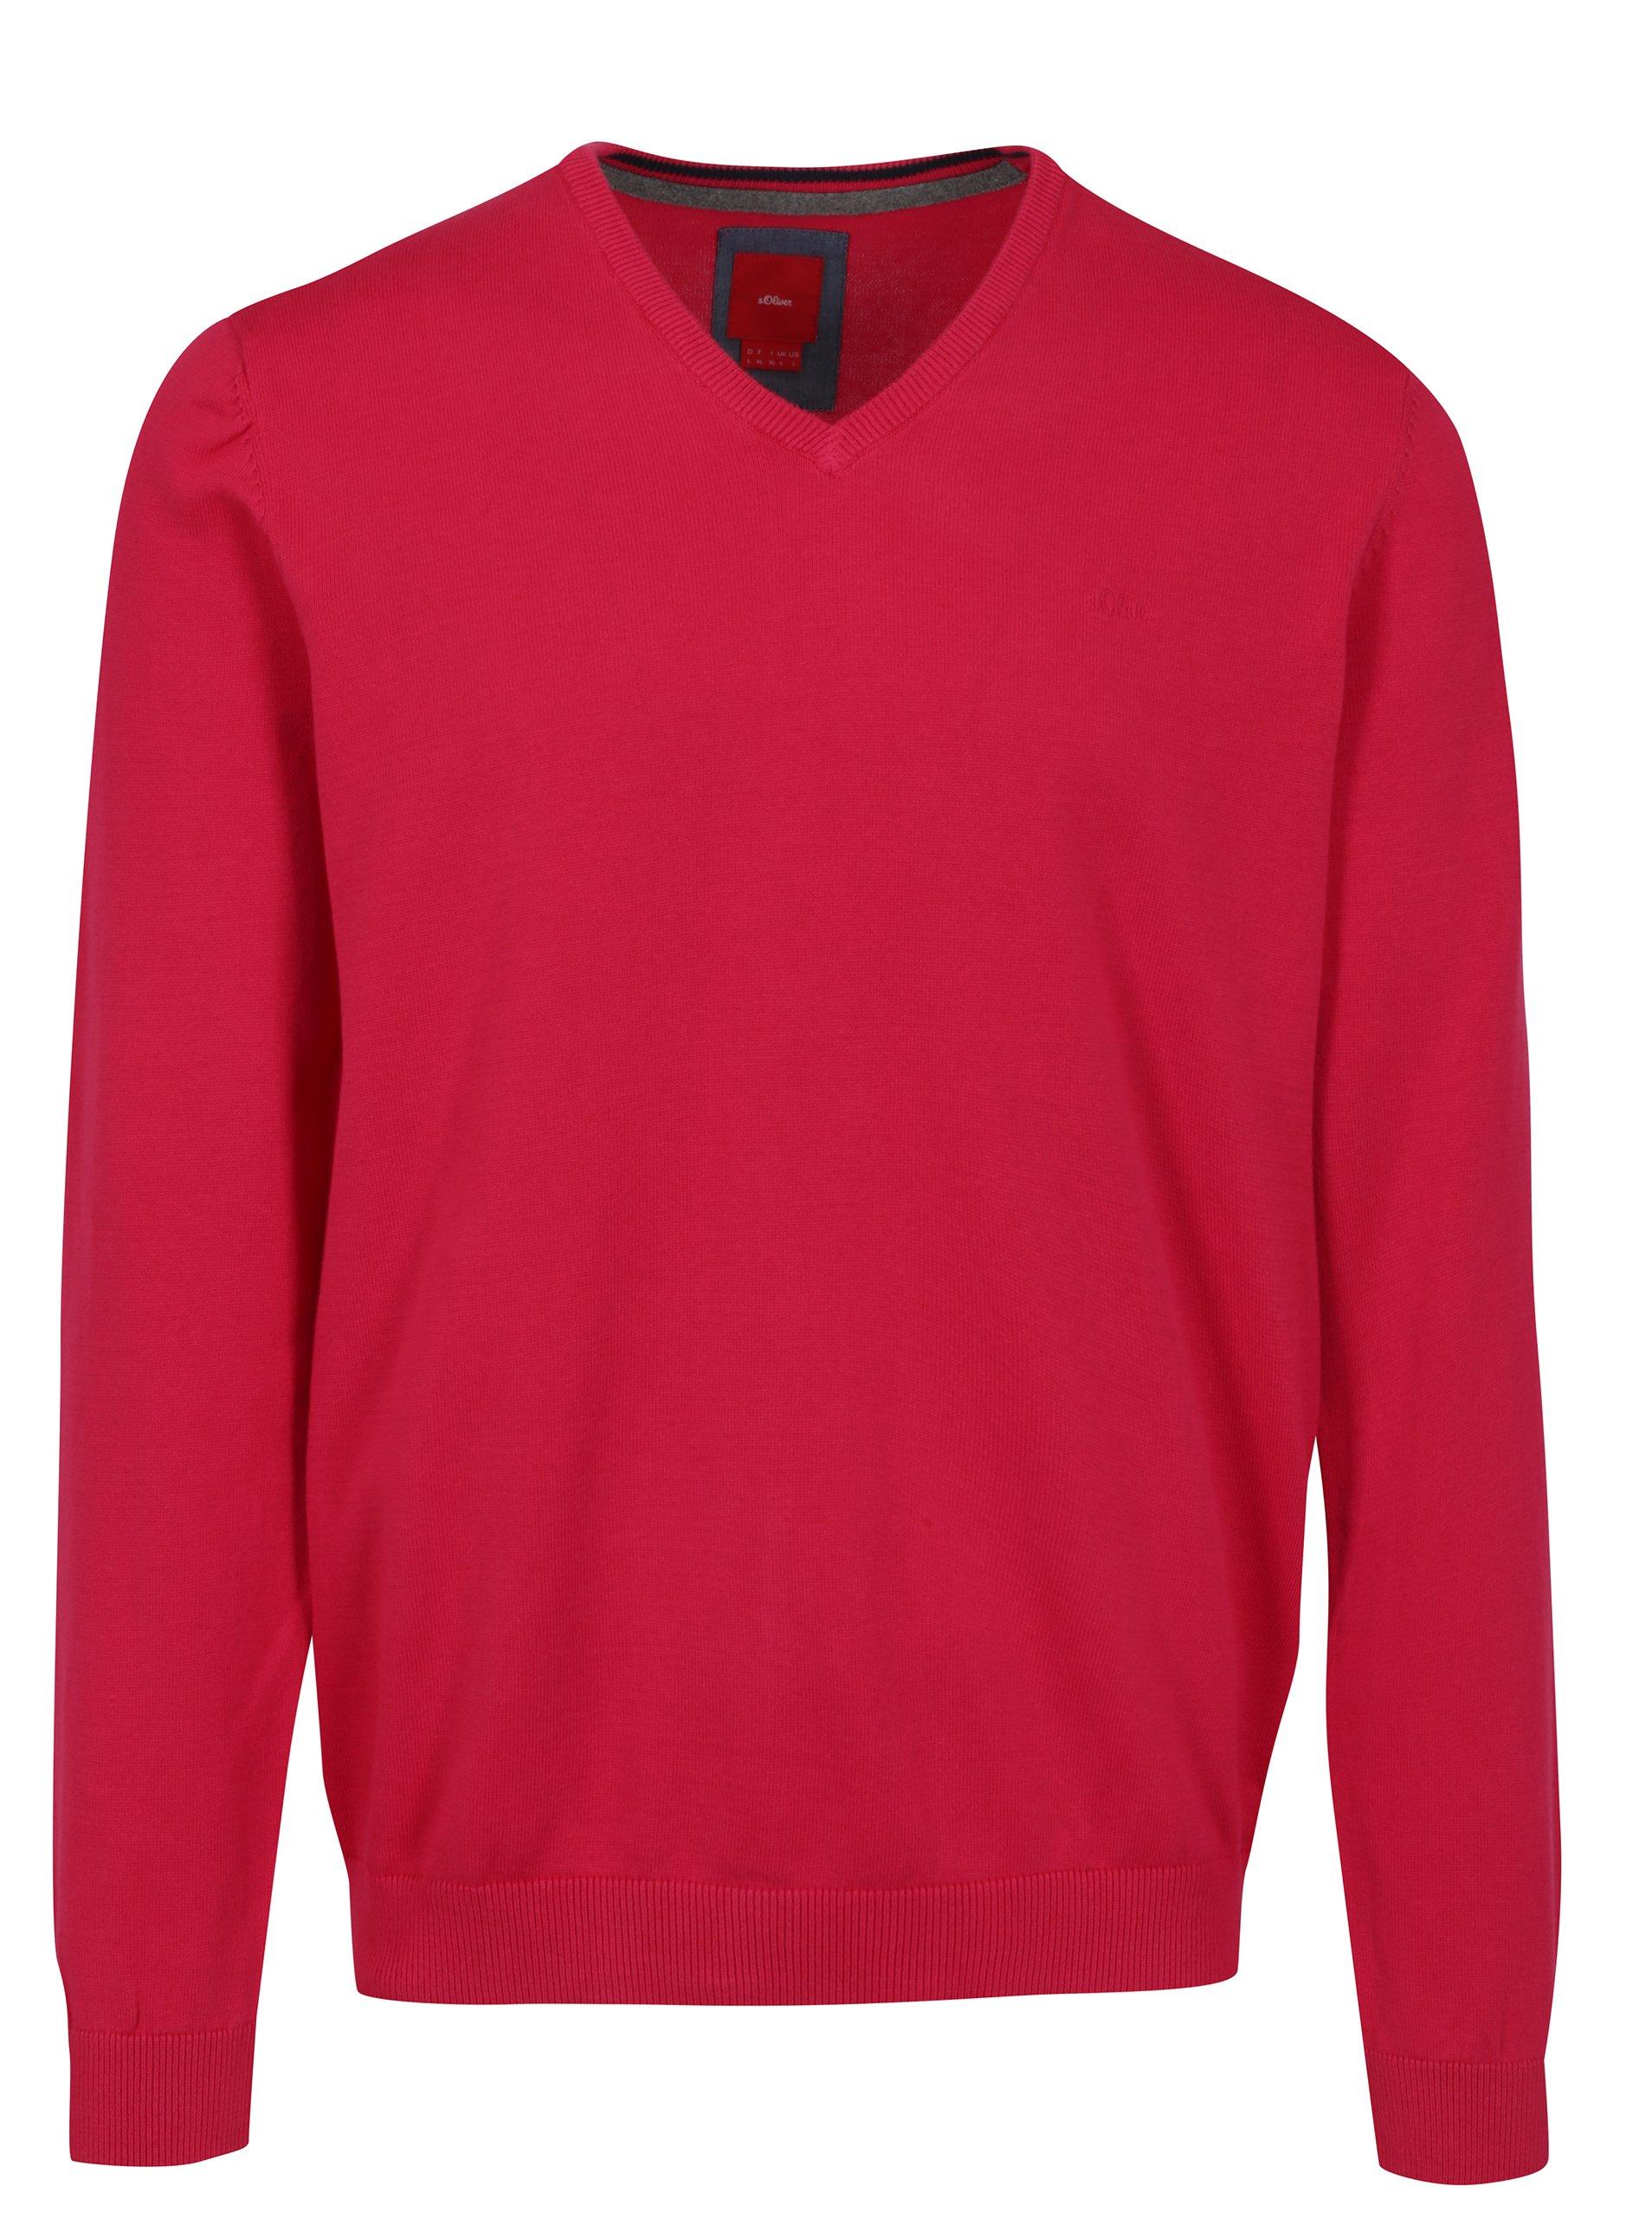 Tmavě růžový pánský lehký svetr s.Oliver